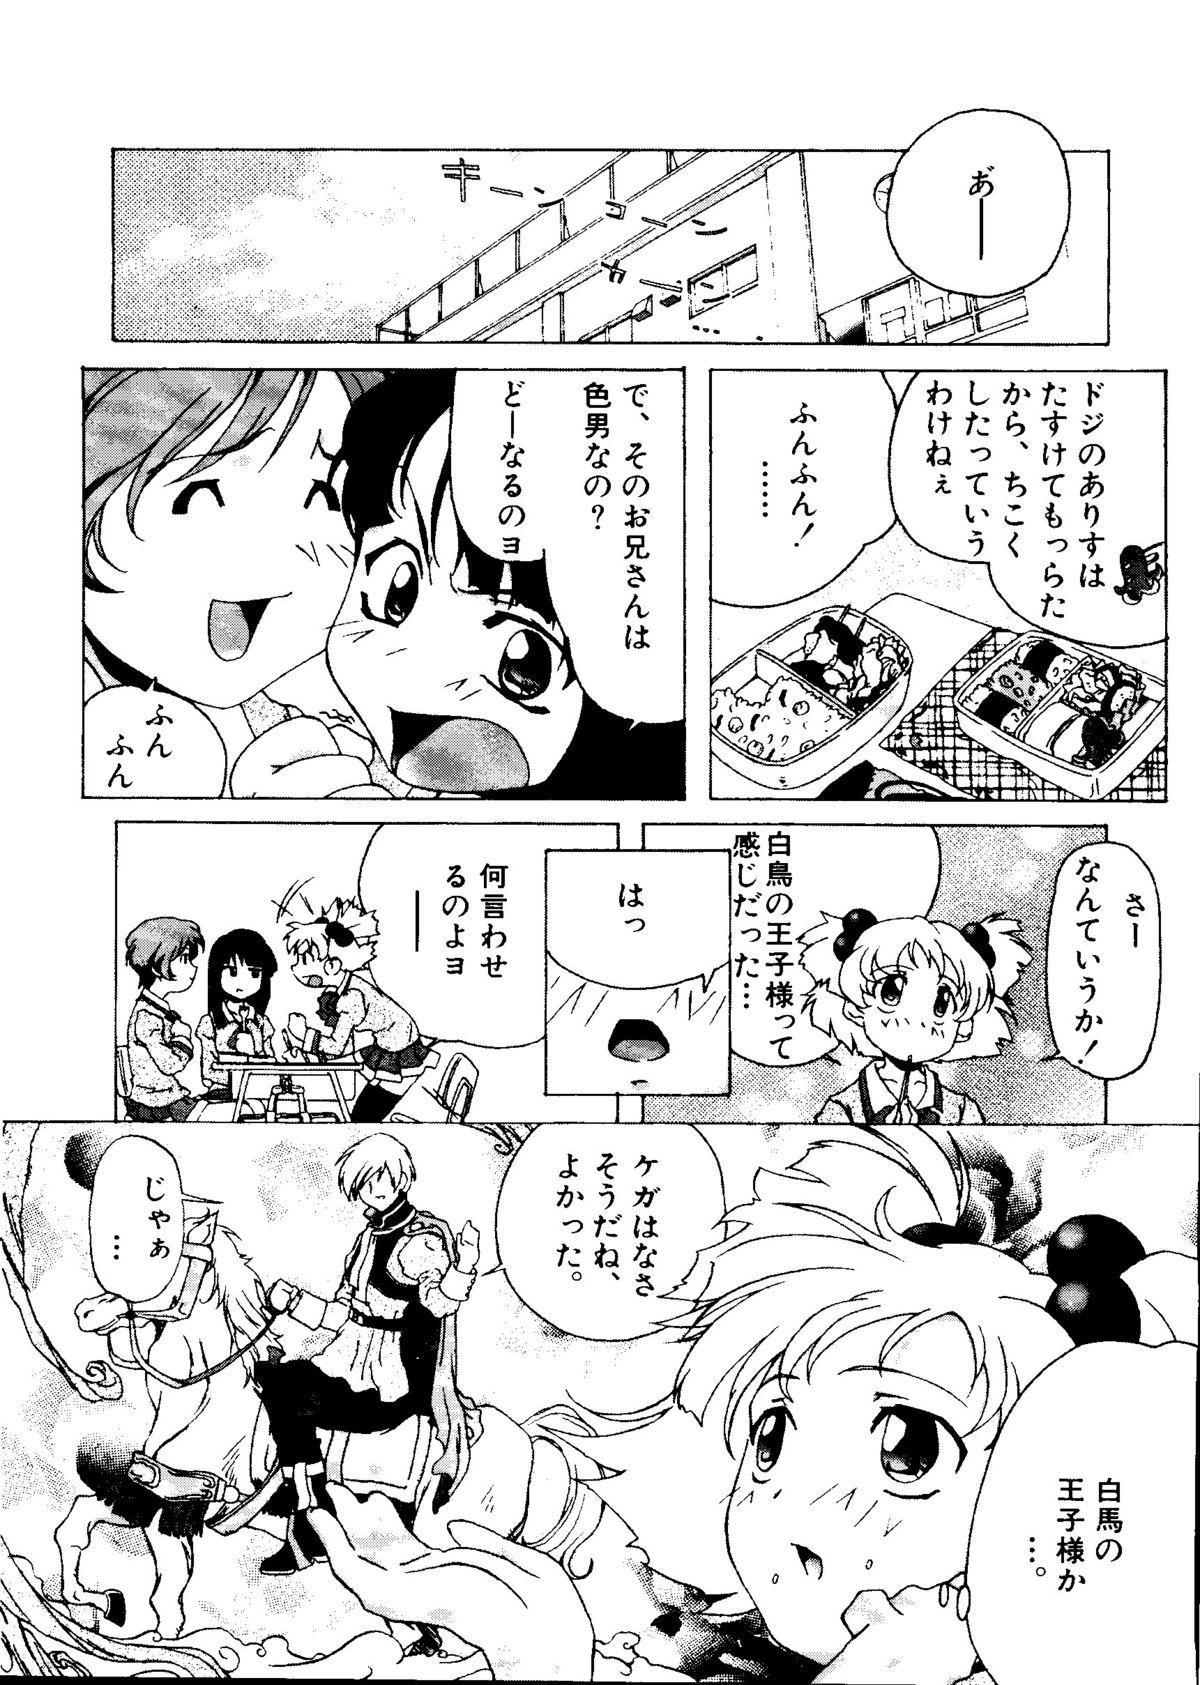 Mujirushi Youhin Vol. 7 104